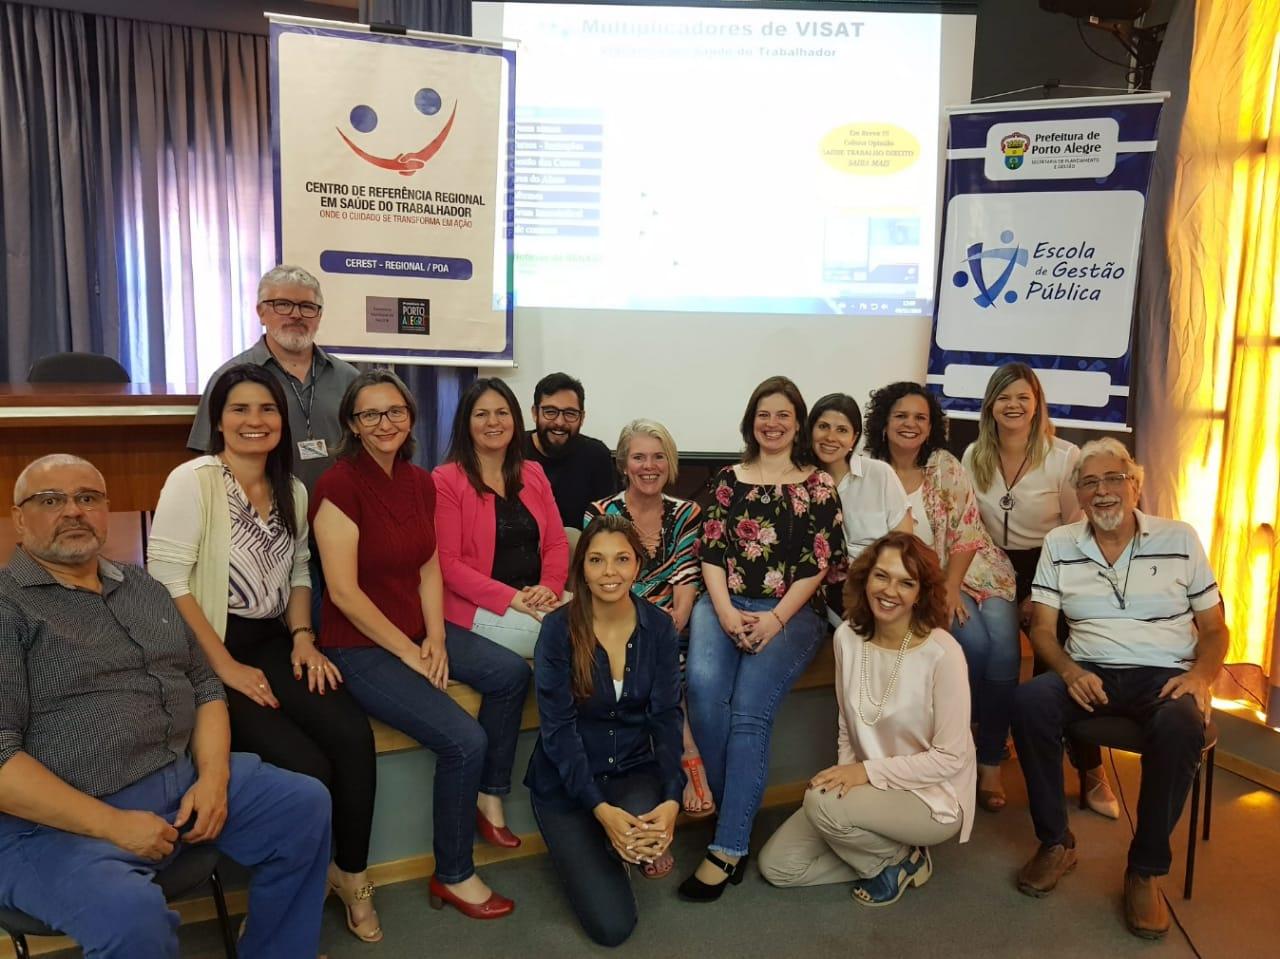 2ª Etapa do CMVISAT em Porto Alegre